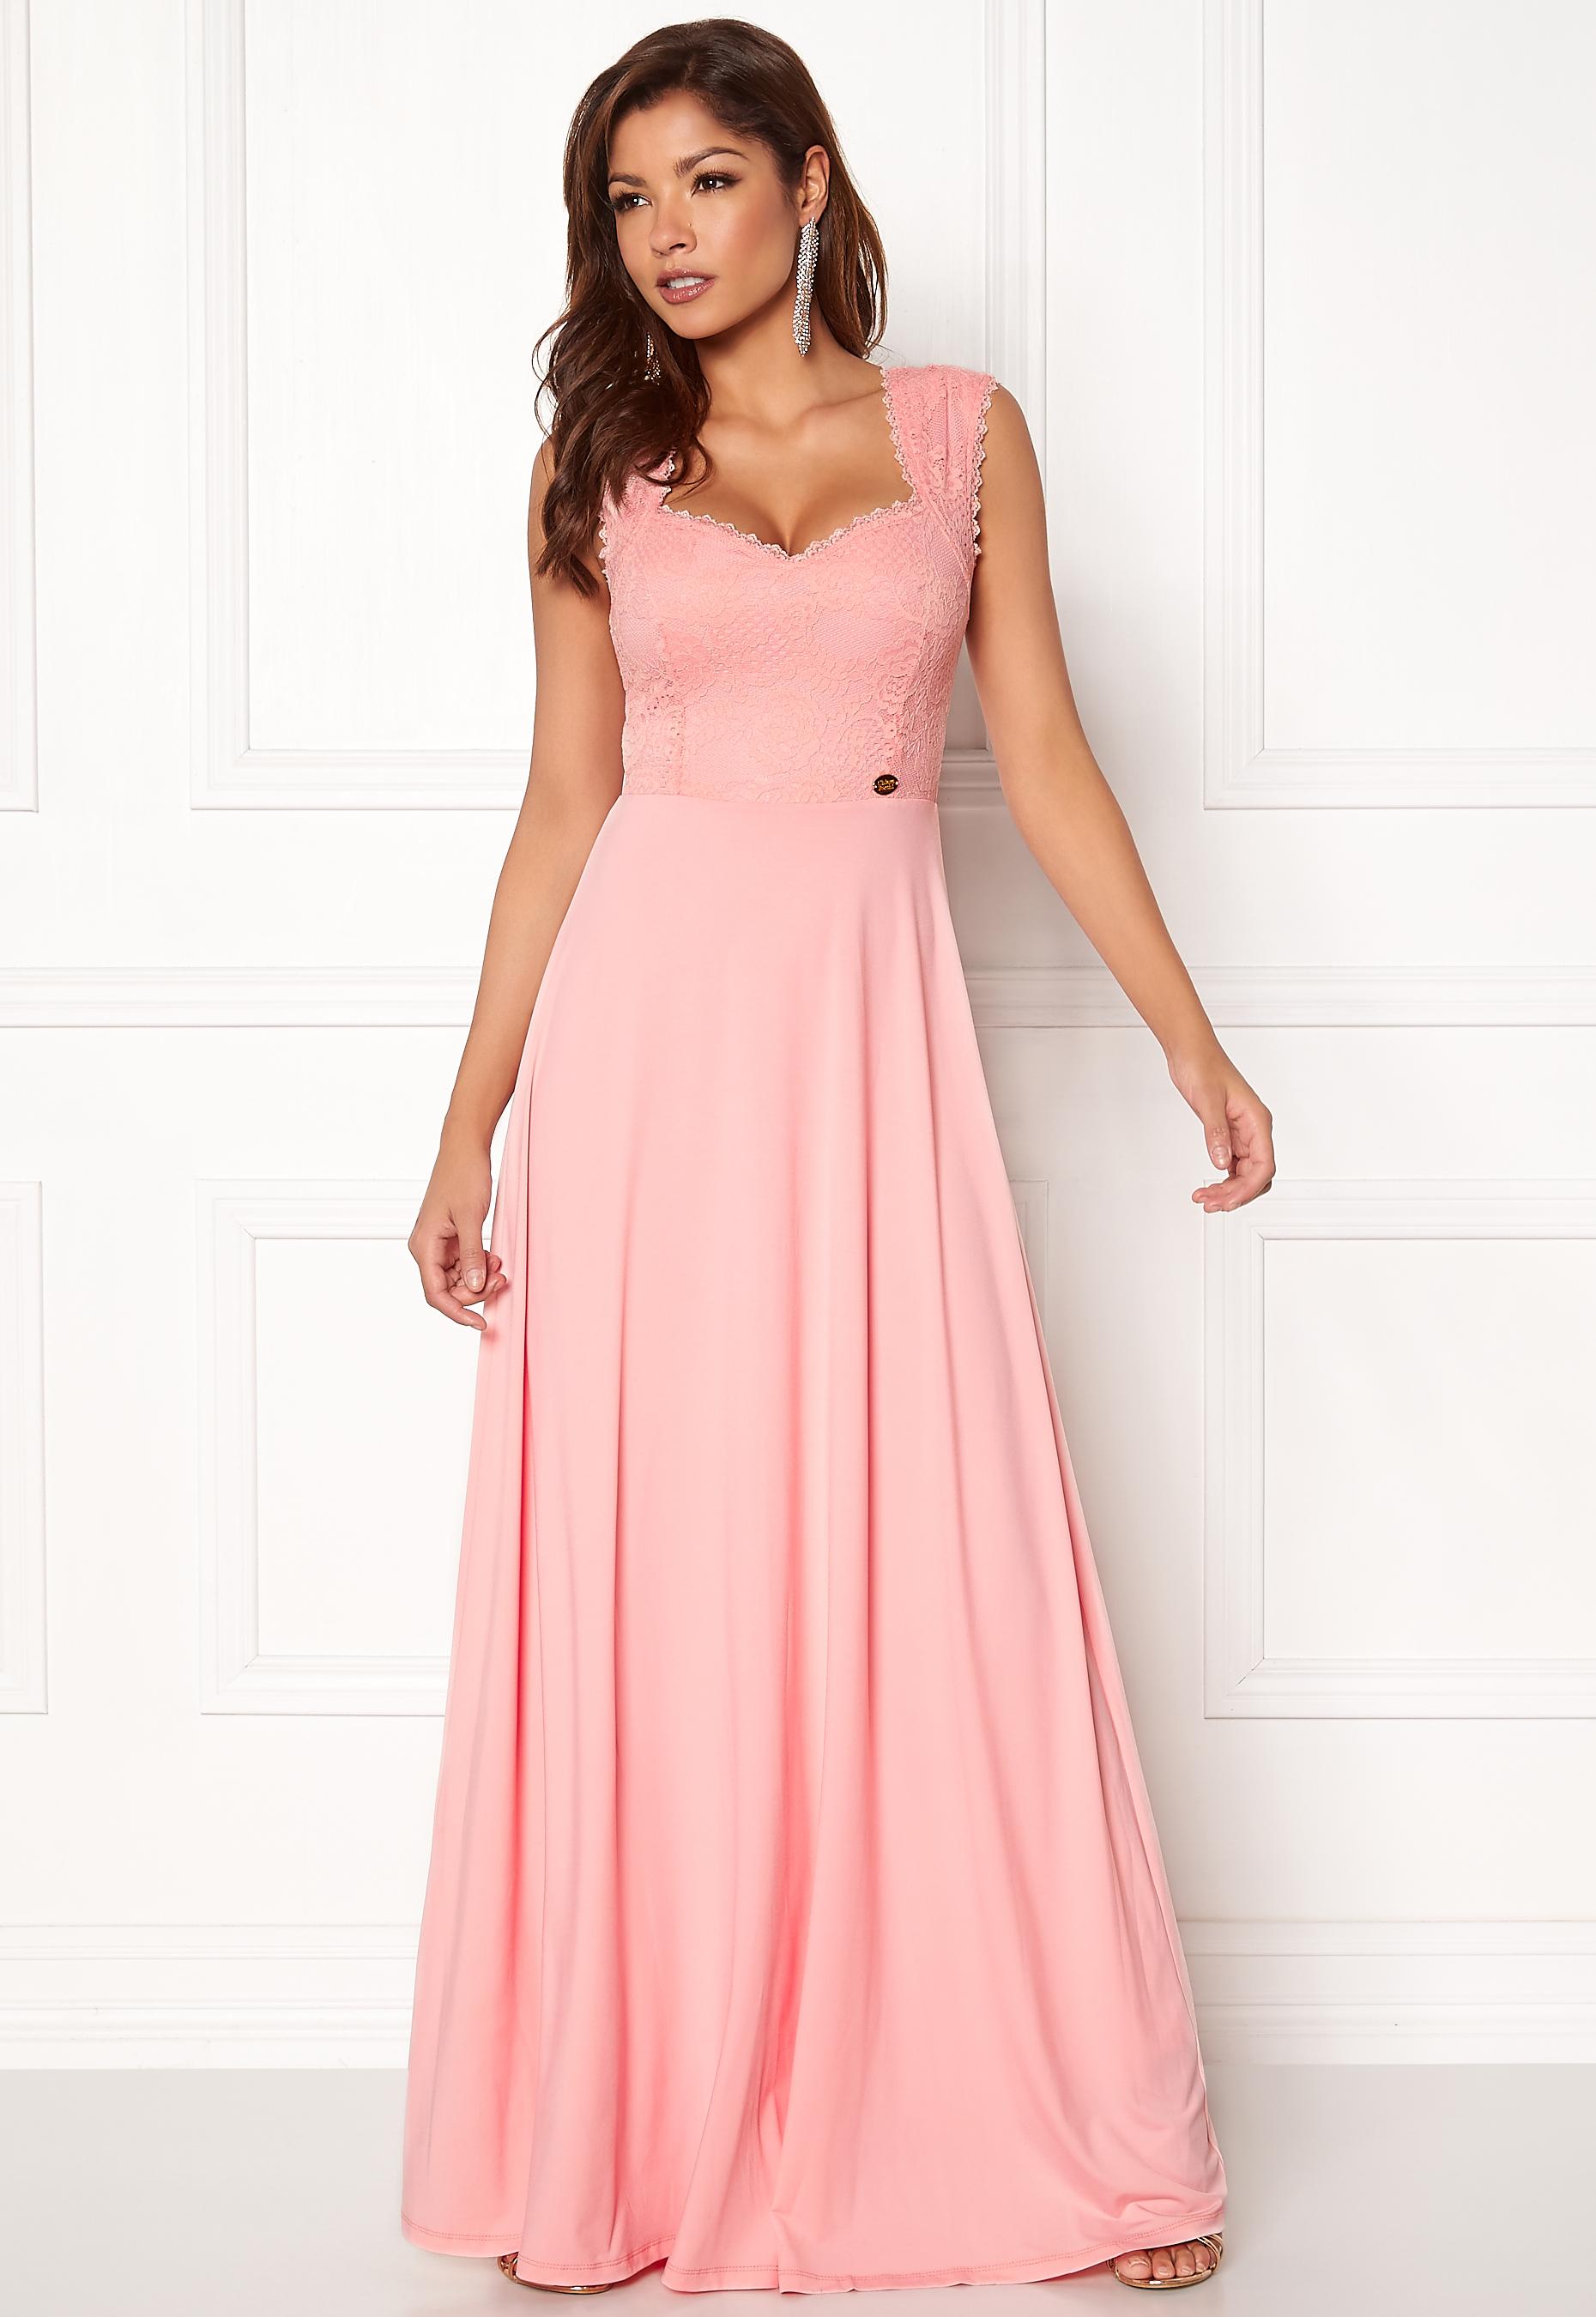 956ffc38d942 Chiara Forthi Piubella Maxi Dress Pink - Bubbleroom